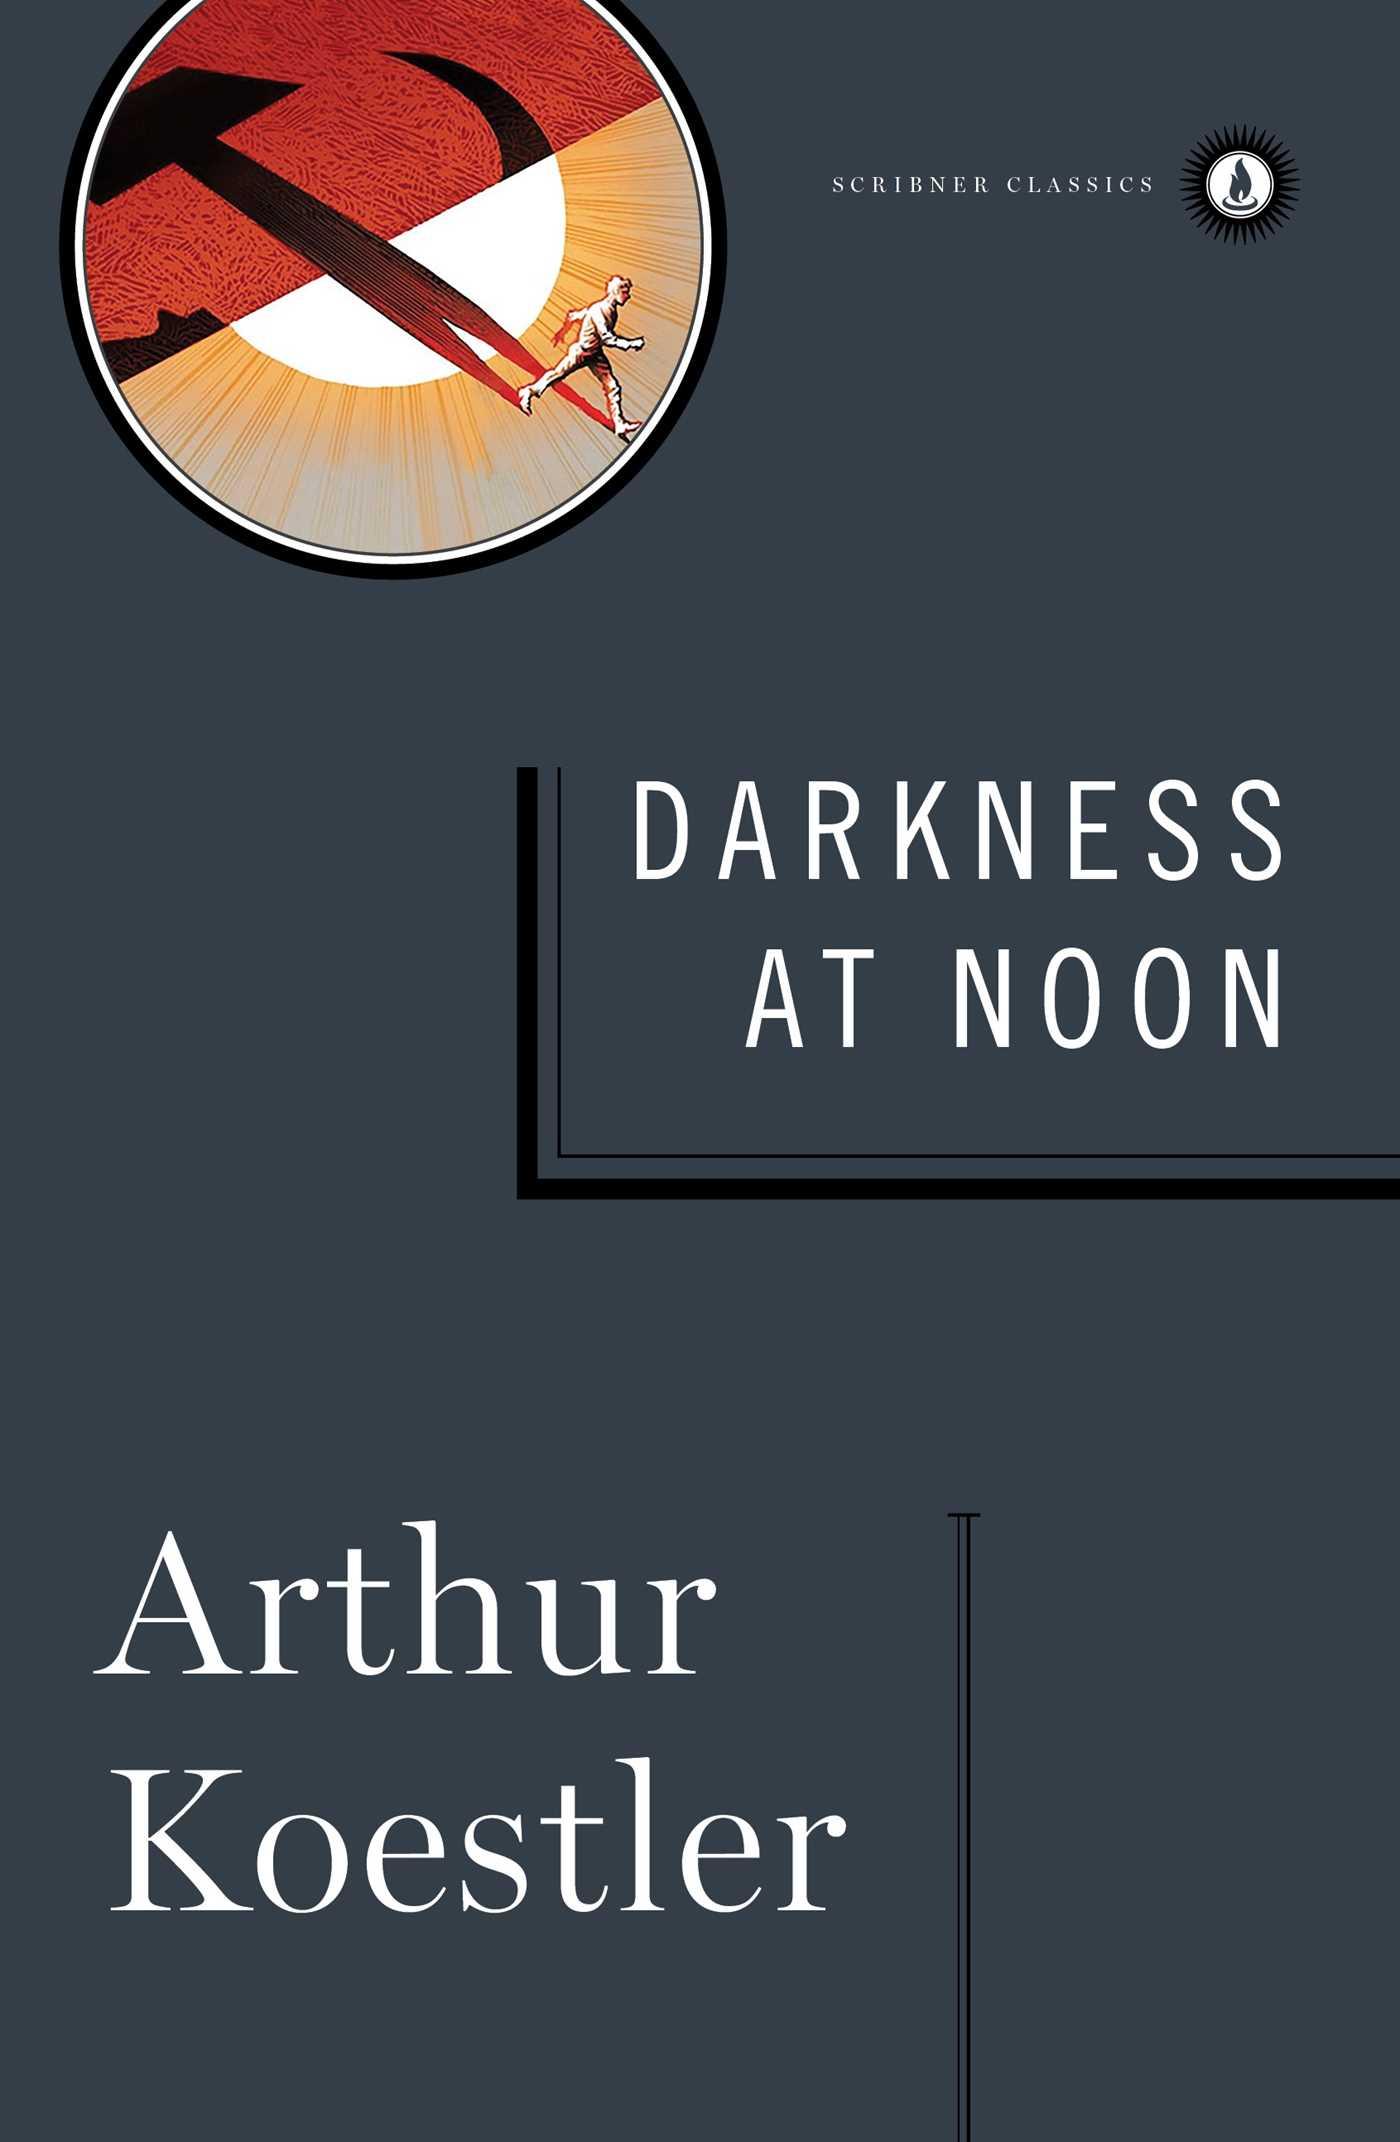 Darkness at noon 9781476785554 hr